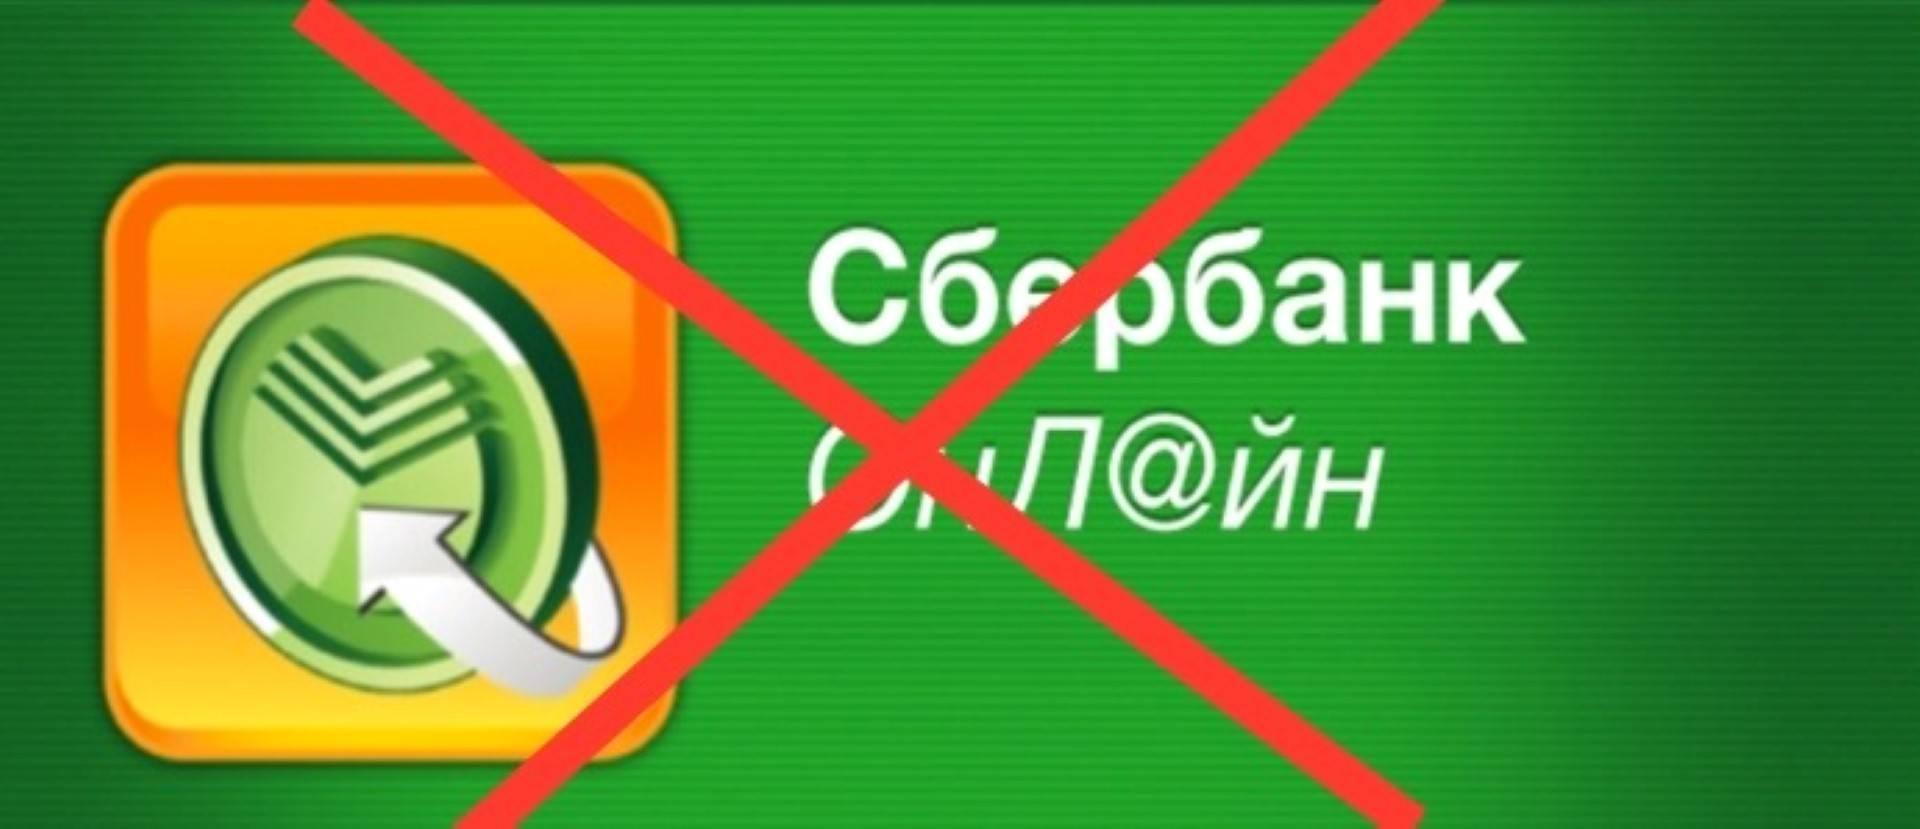 Zachem-otkazyvatsya-ot-Sberbanka-Onlayn.jpg